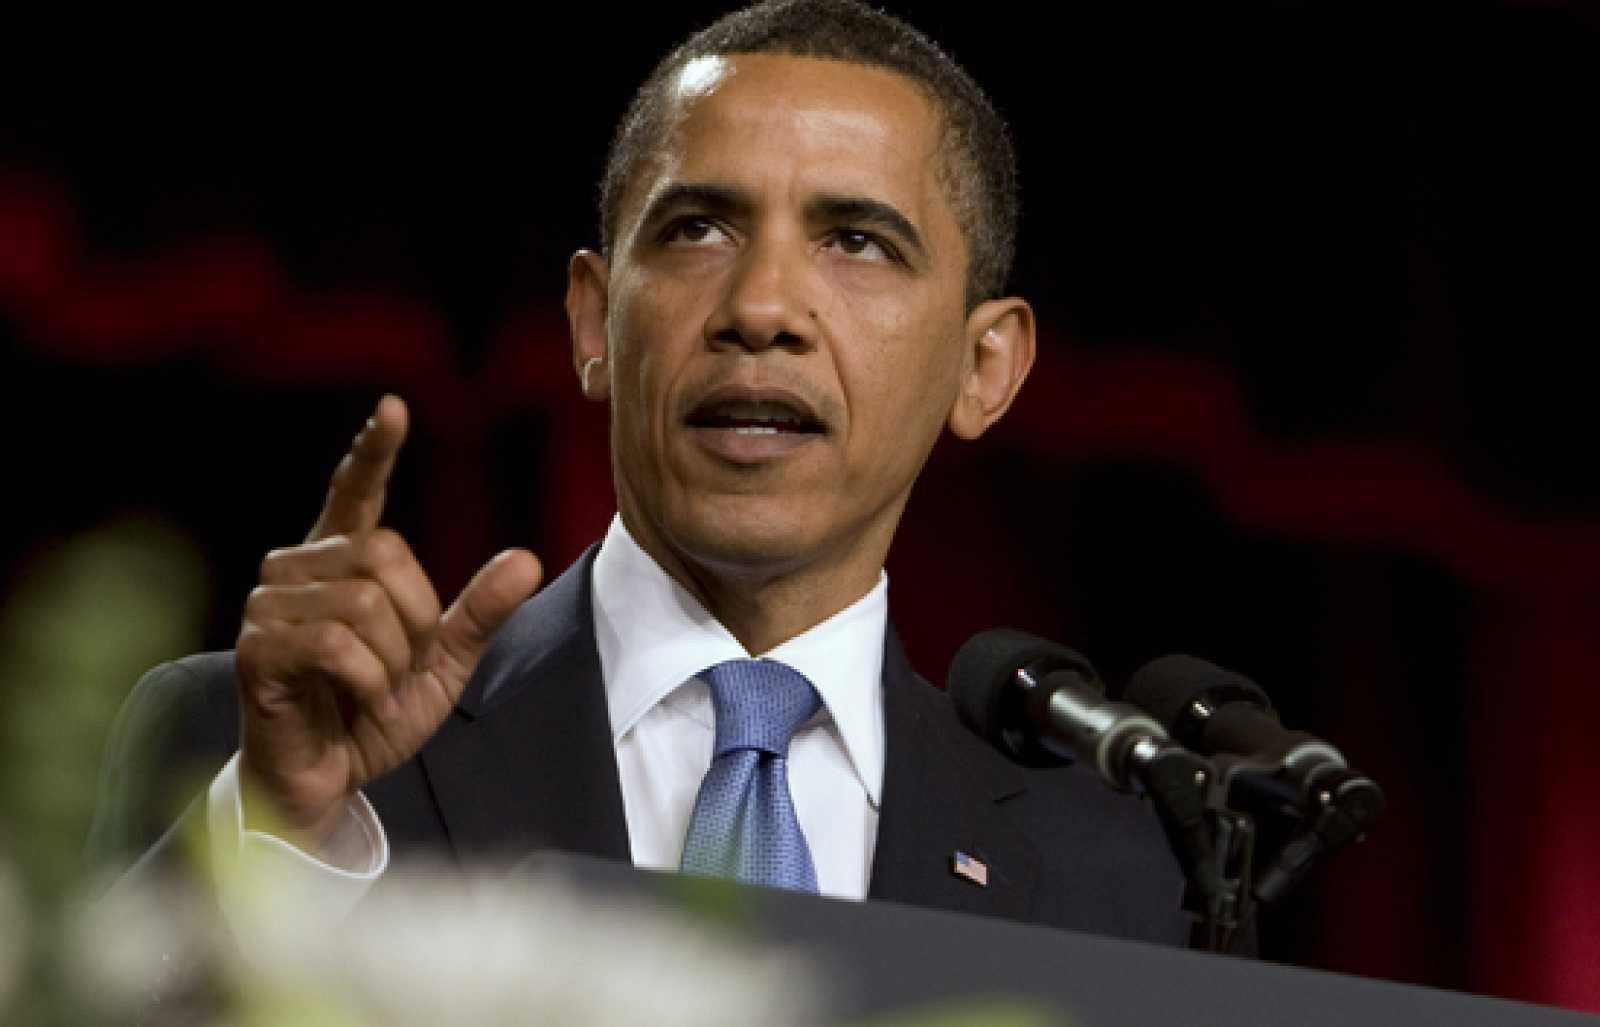 Discurso íntegro del Obama en El Cairo, donde ha tendido la mano al mundo musulmán.